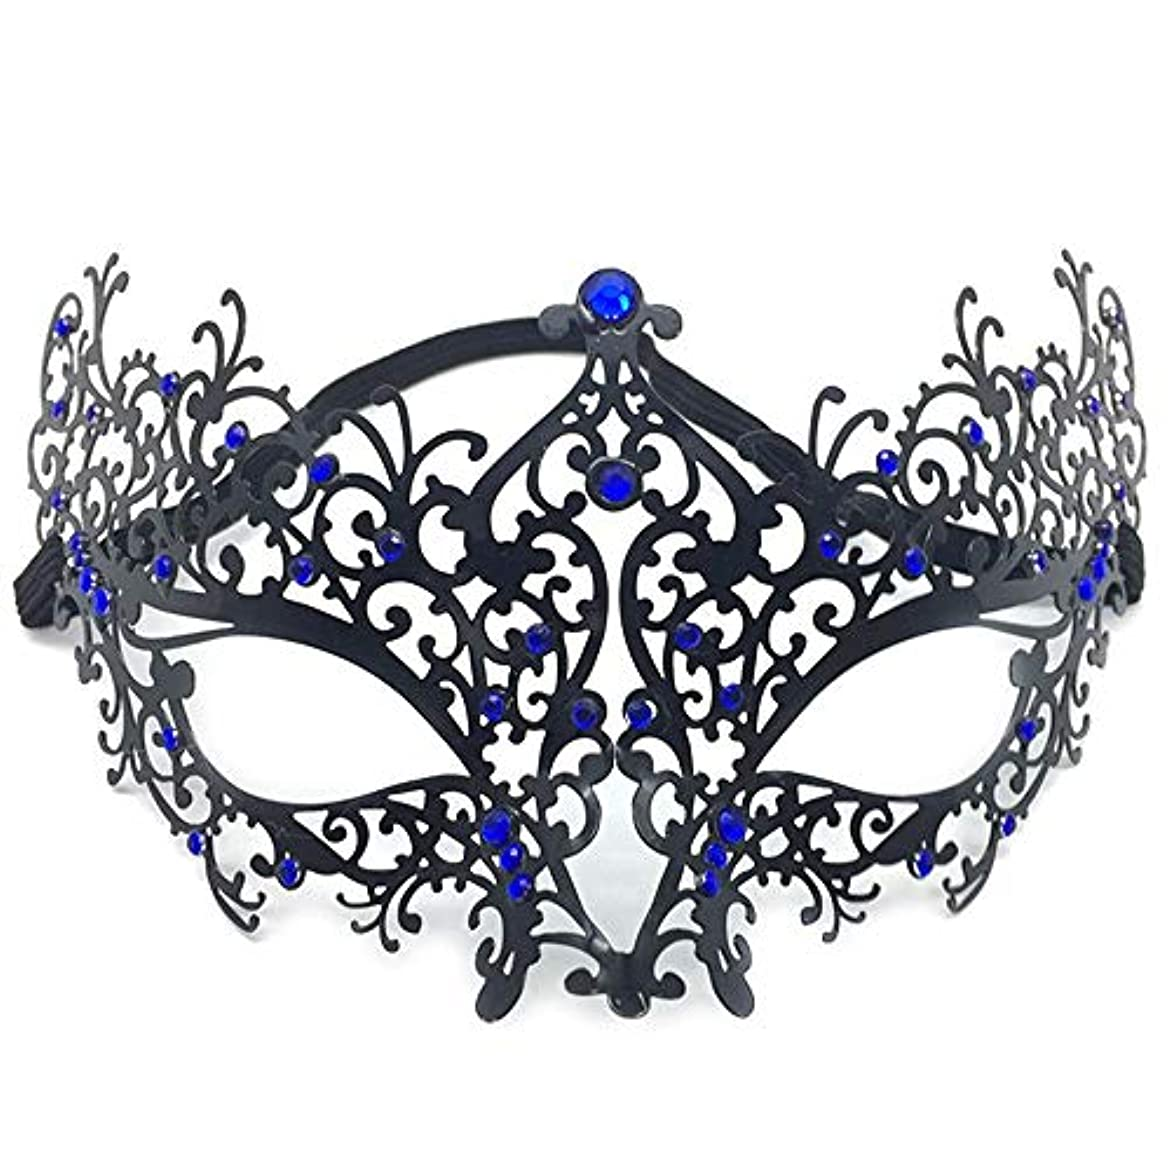 発疹取り戻す除外するハロウィーンマスク仮装アイアンマスクパーティードレスアップメタルダイヤモンドハーフフェイスマスク (Color : BLUE)